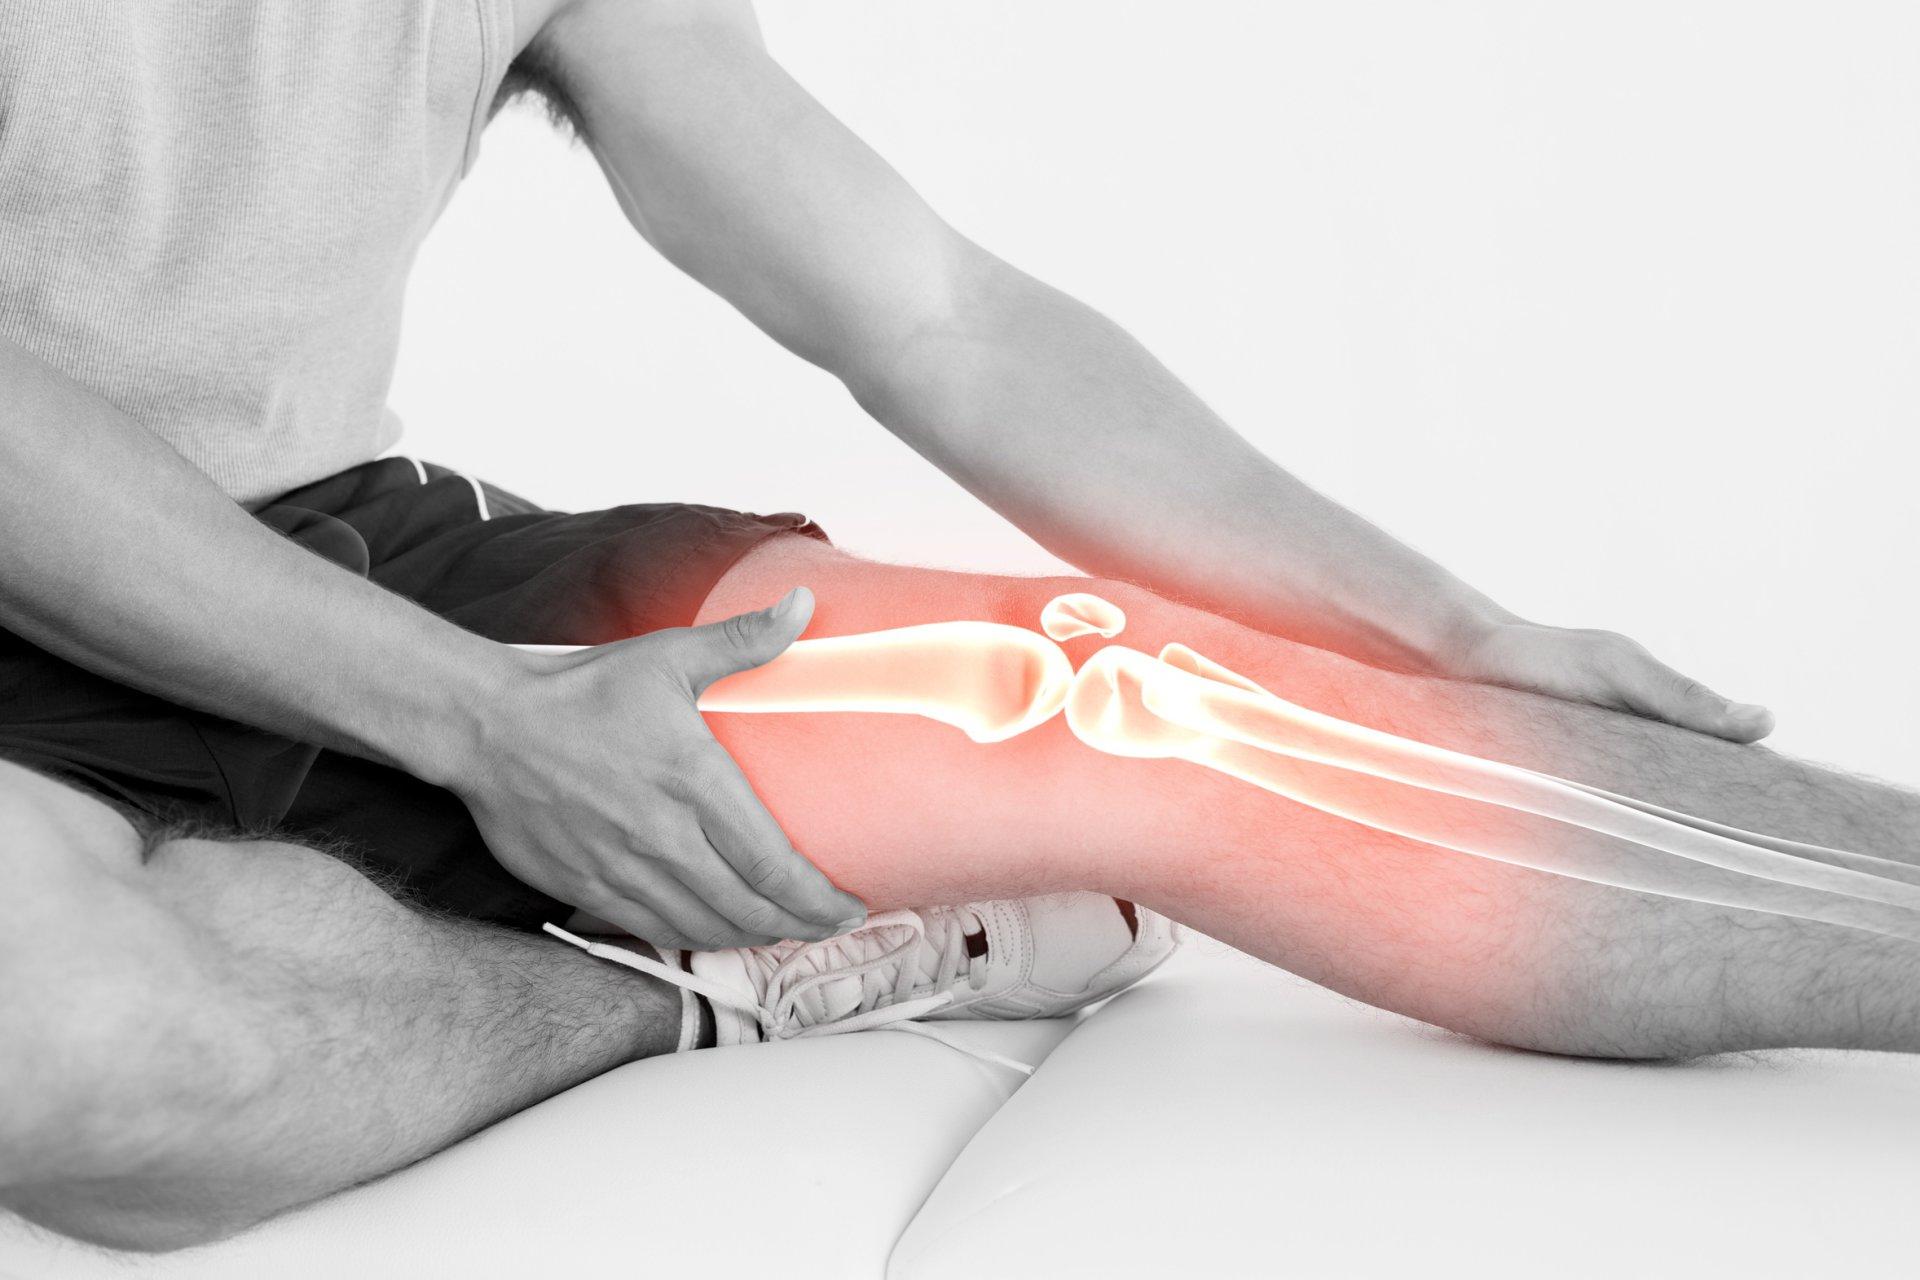 artrozė 2 ir 3 laipsnių gydymas gerklės sąnarių pėdos viršuje